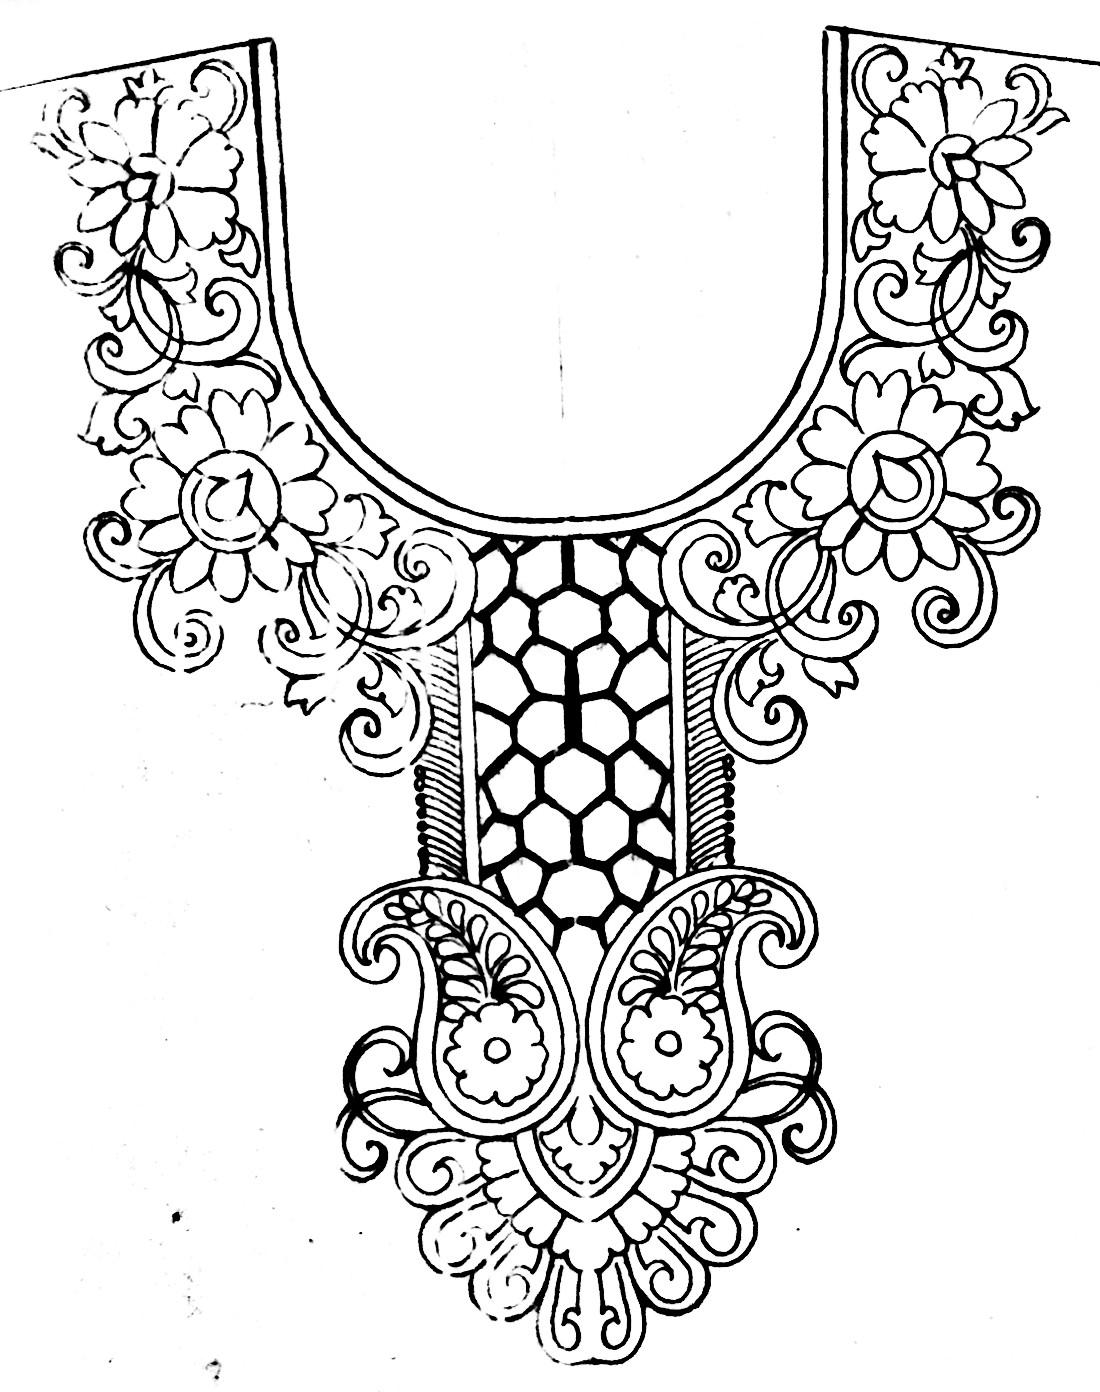 Jamar golar design/Jamar golar hater kajer/জামার হাতের কাজের ডিজাইন